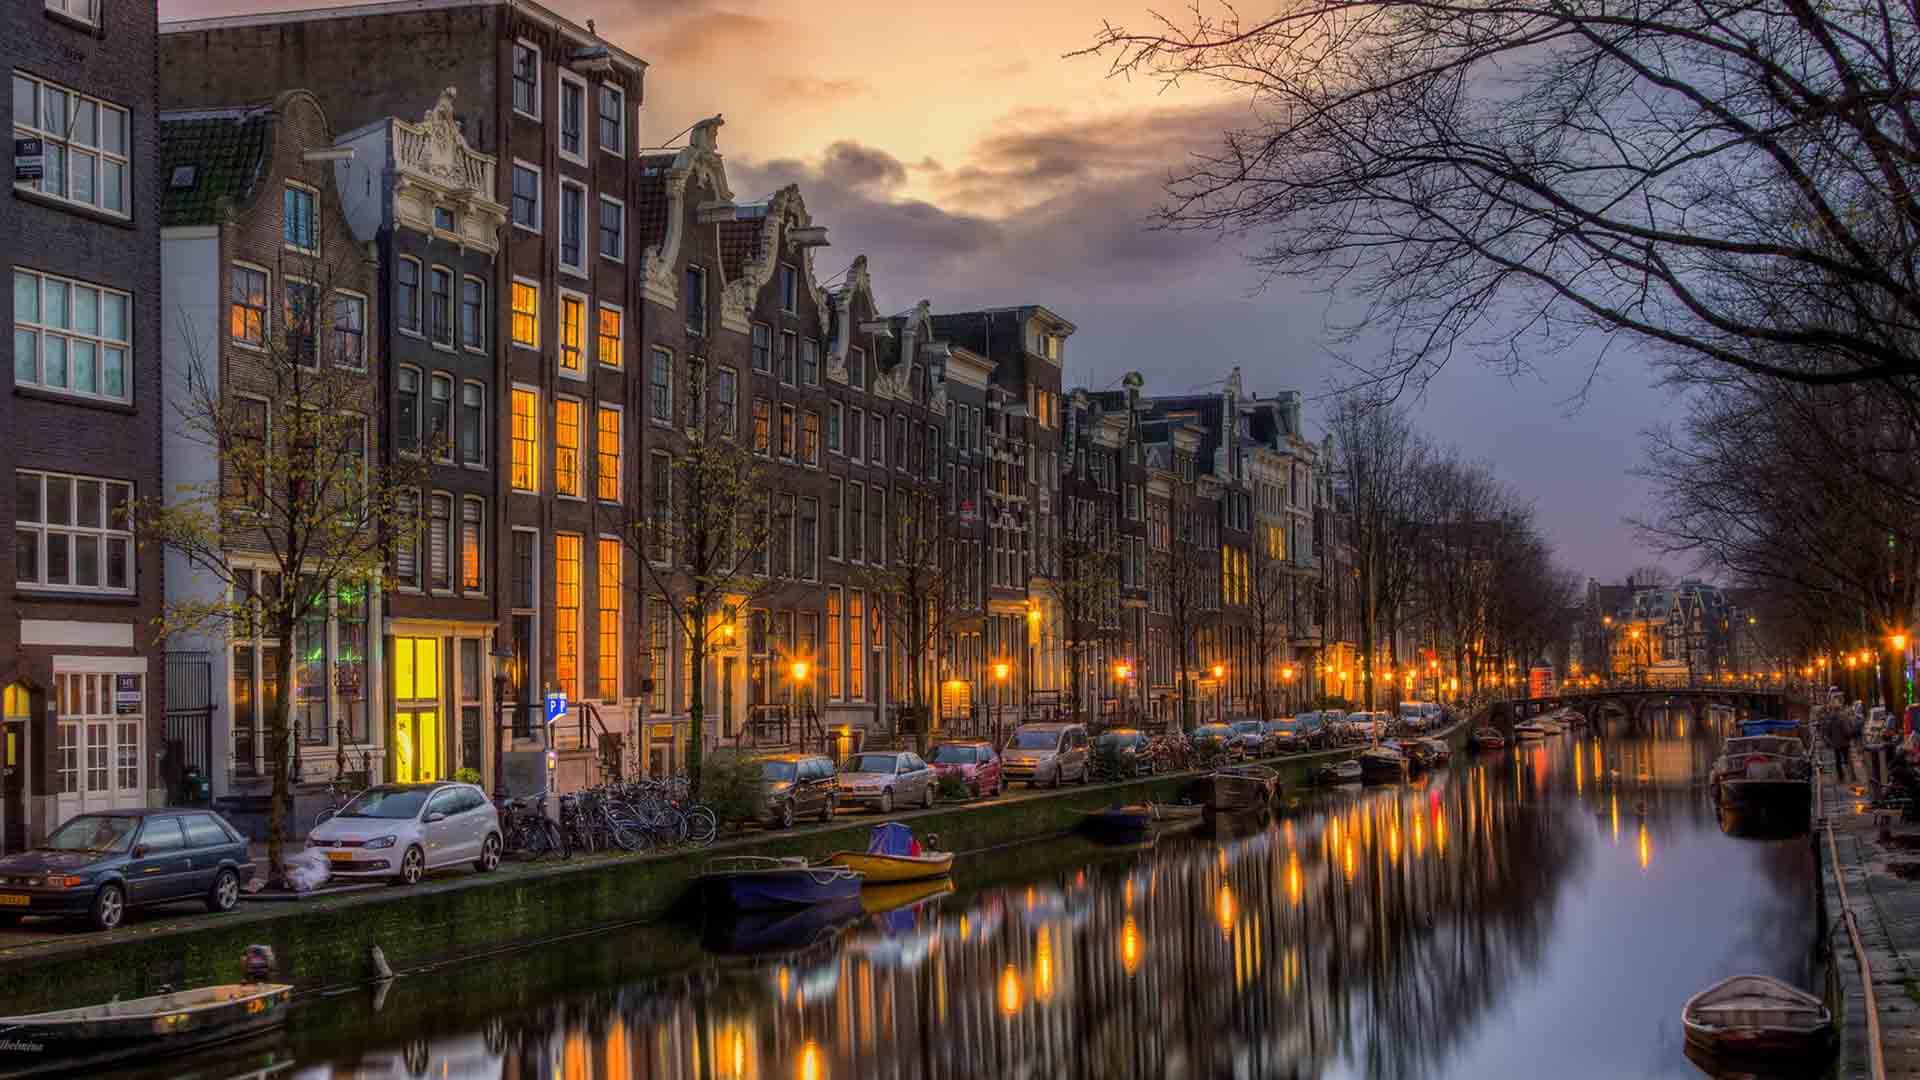 La biodiversidad en la capital holandesa recibió al topillo nórdico, la ardilla roja, los zorros, murciélagos y hasta focas